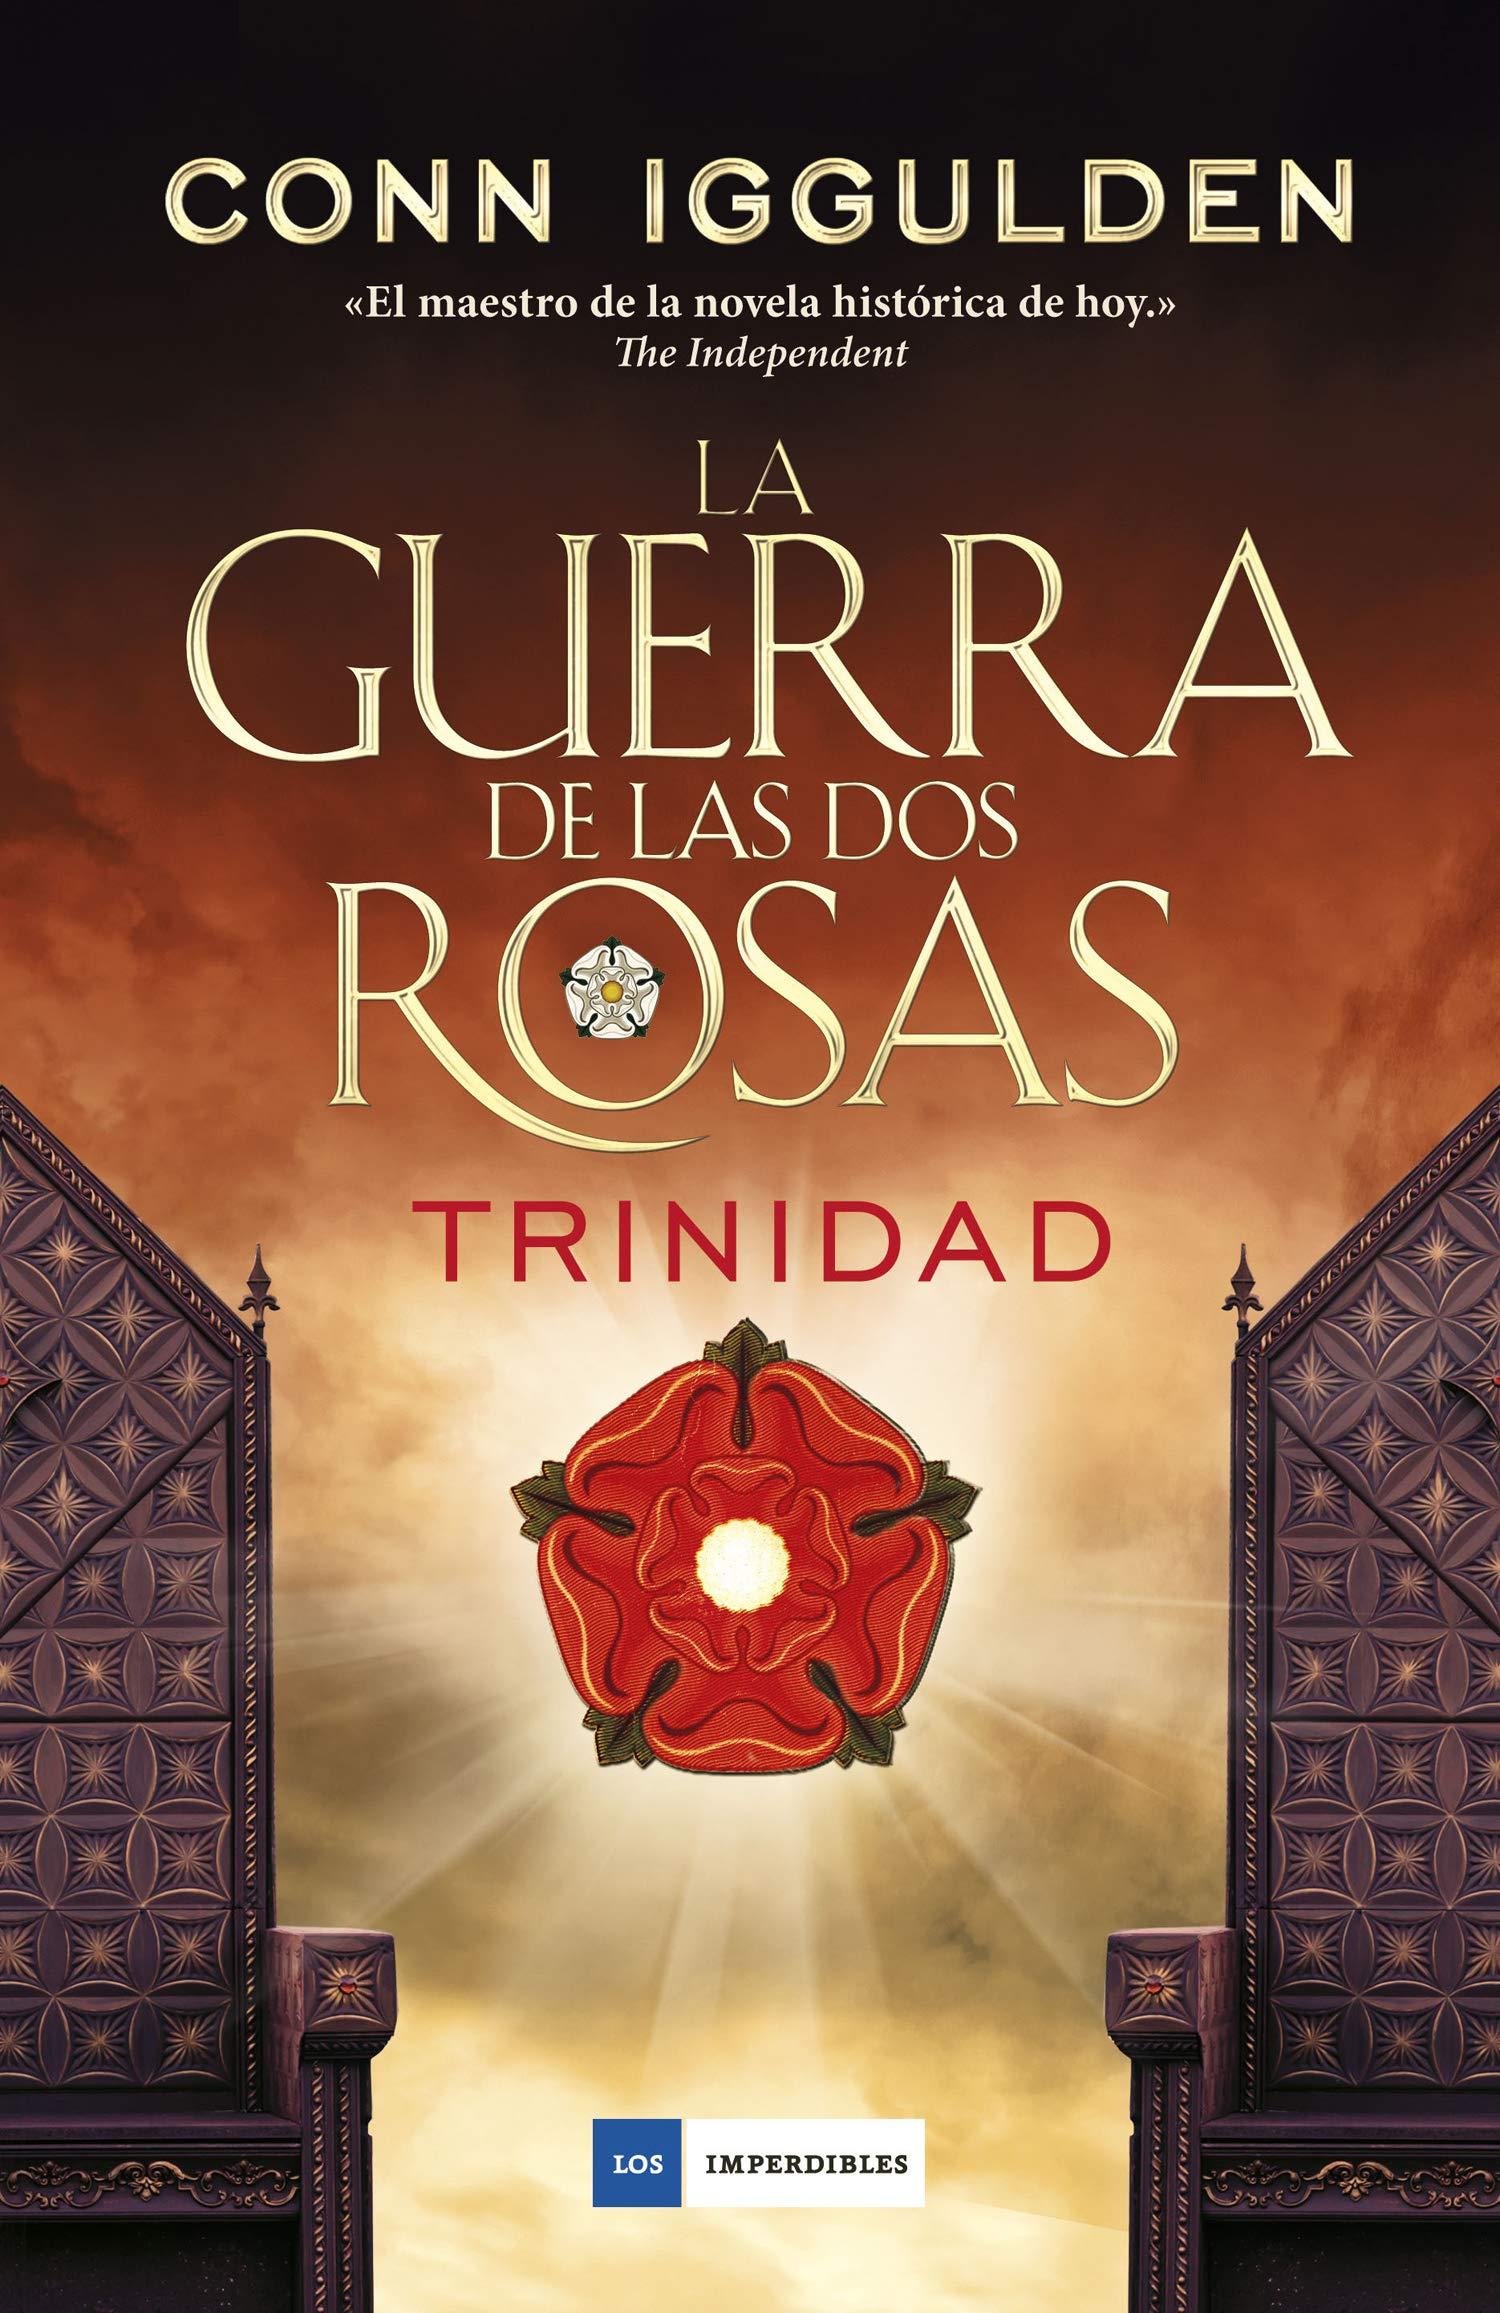 La guerra de las dos rosas - Trinidad LOS IMPERDIBLES: Amazon.es: Iggulden, Conn, Deza Guil, Gemma, Alpuente Civera, Miguel: Libros